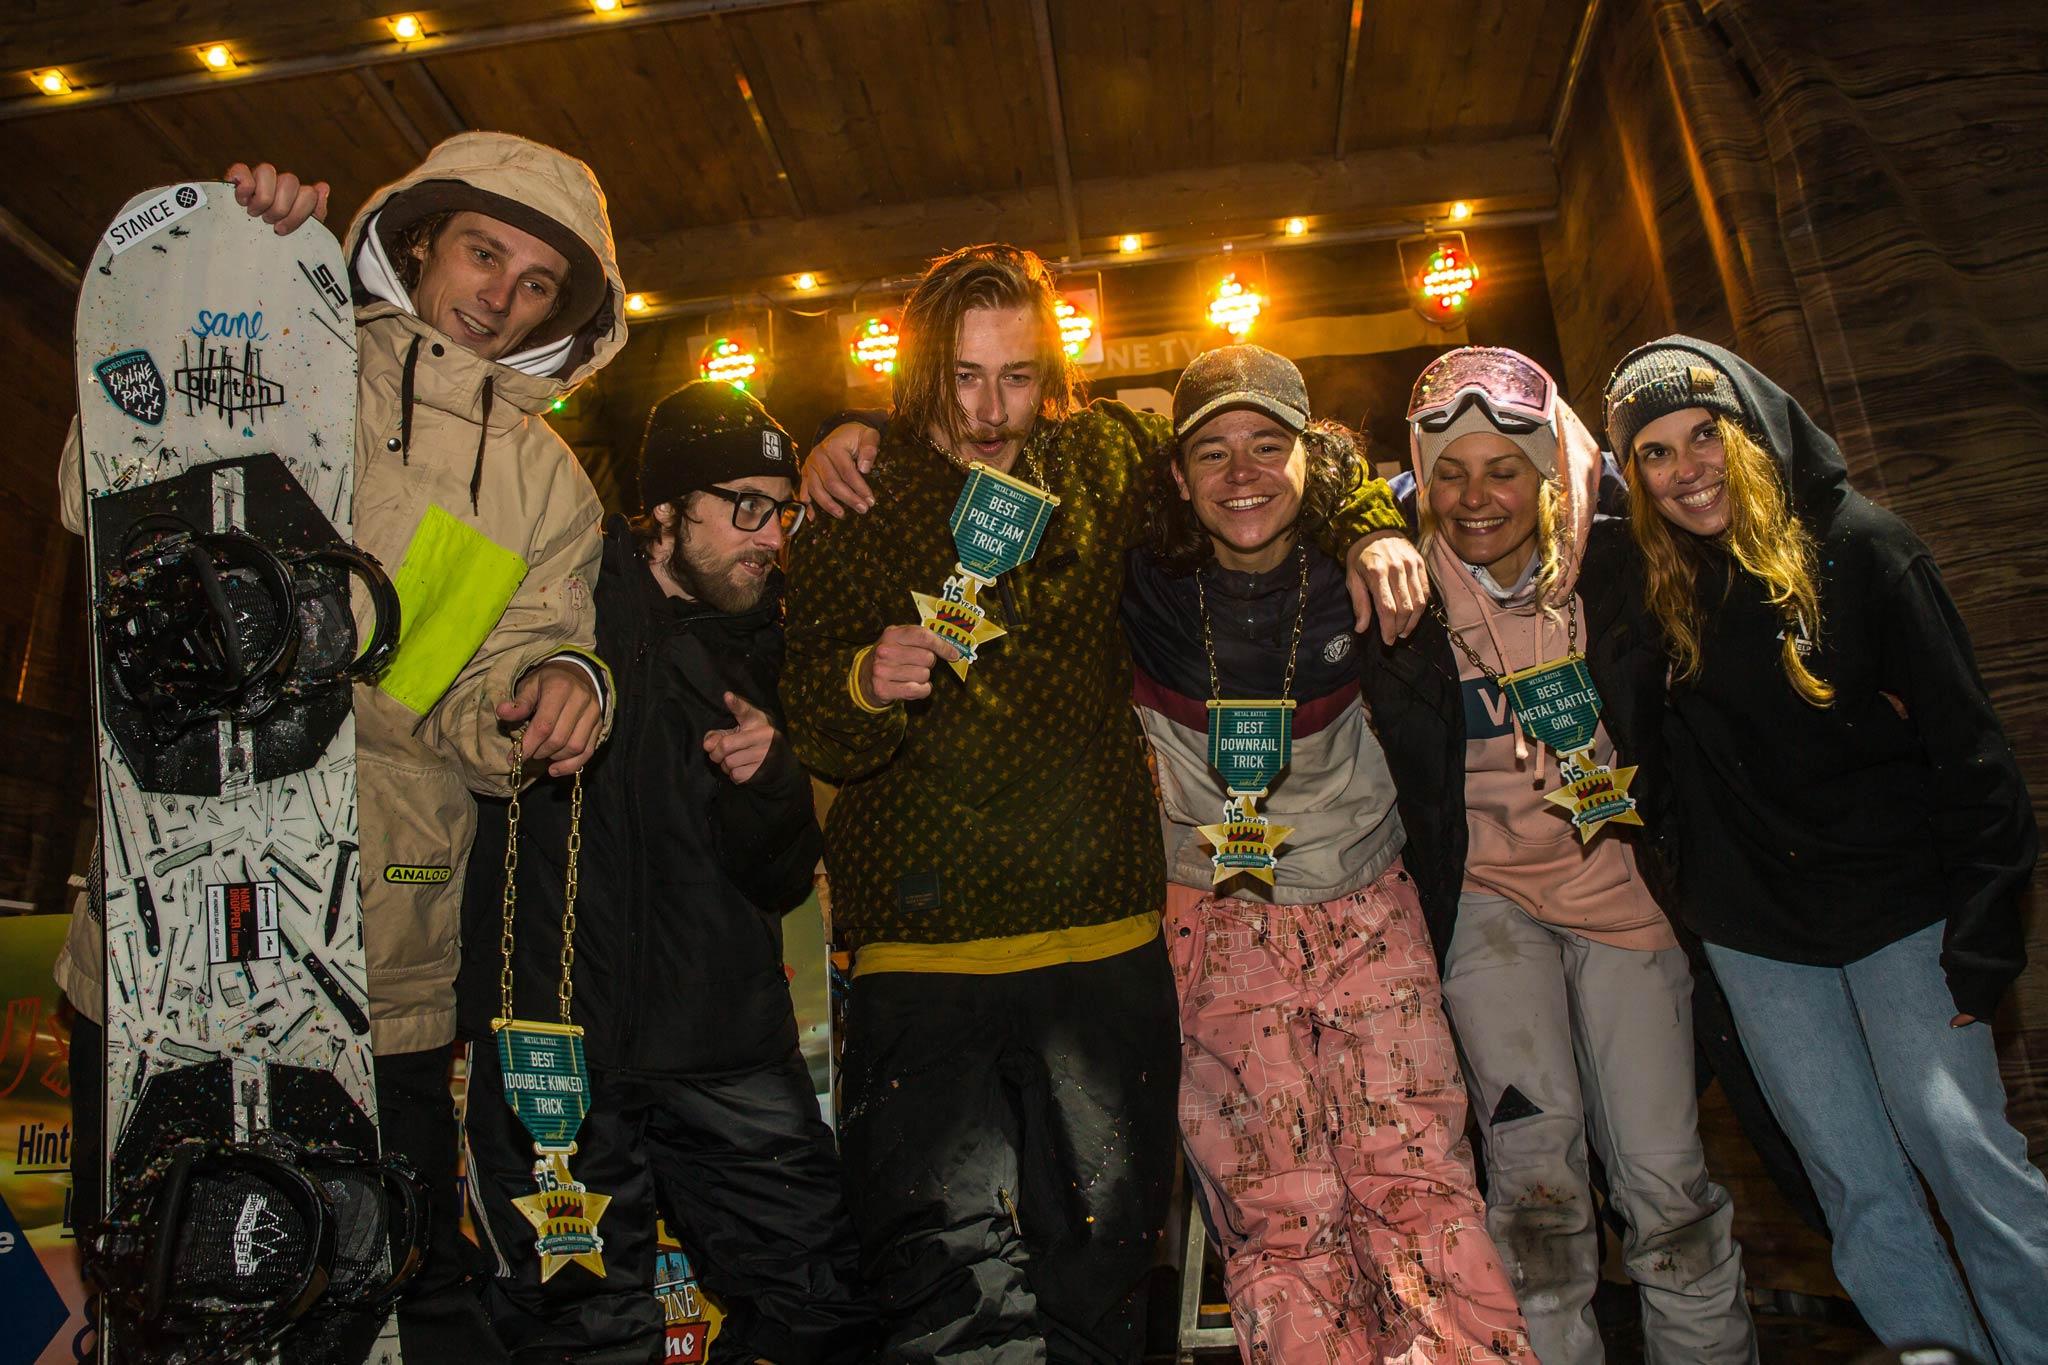 Die glücklichn Gewinner nach dem Contest mit Michi Schatz von der SANE! Crew - Foto: MonEpic